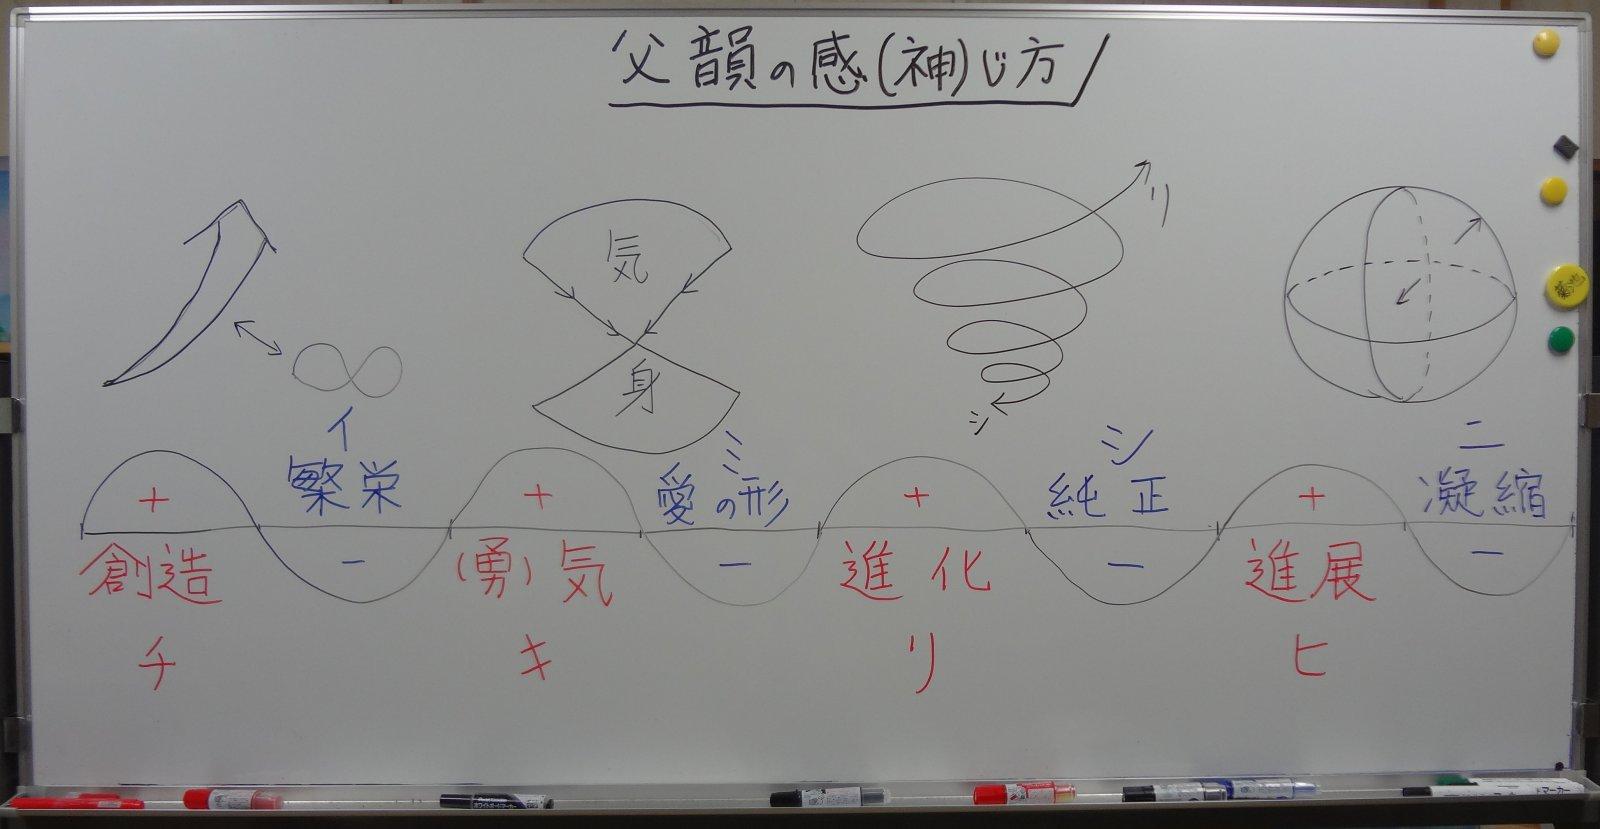 http://www.g-labo.co.jp/document/20th_board.JPG